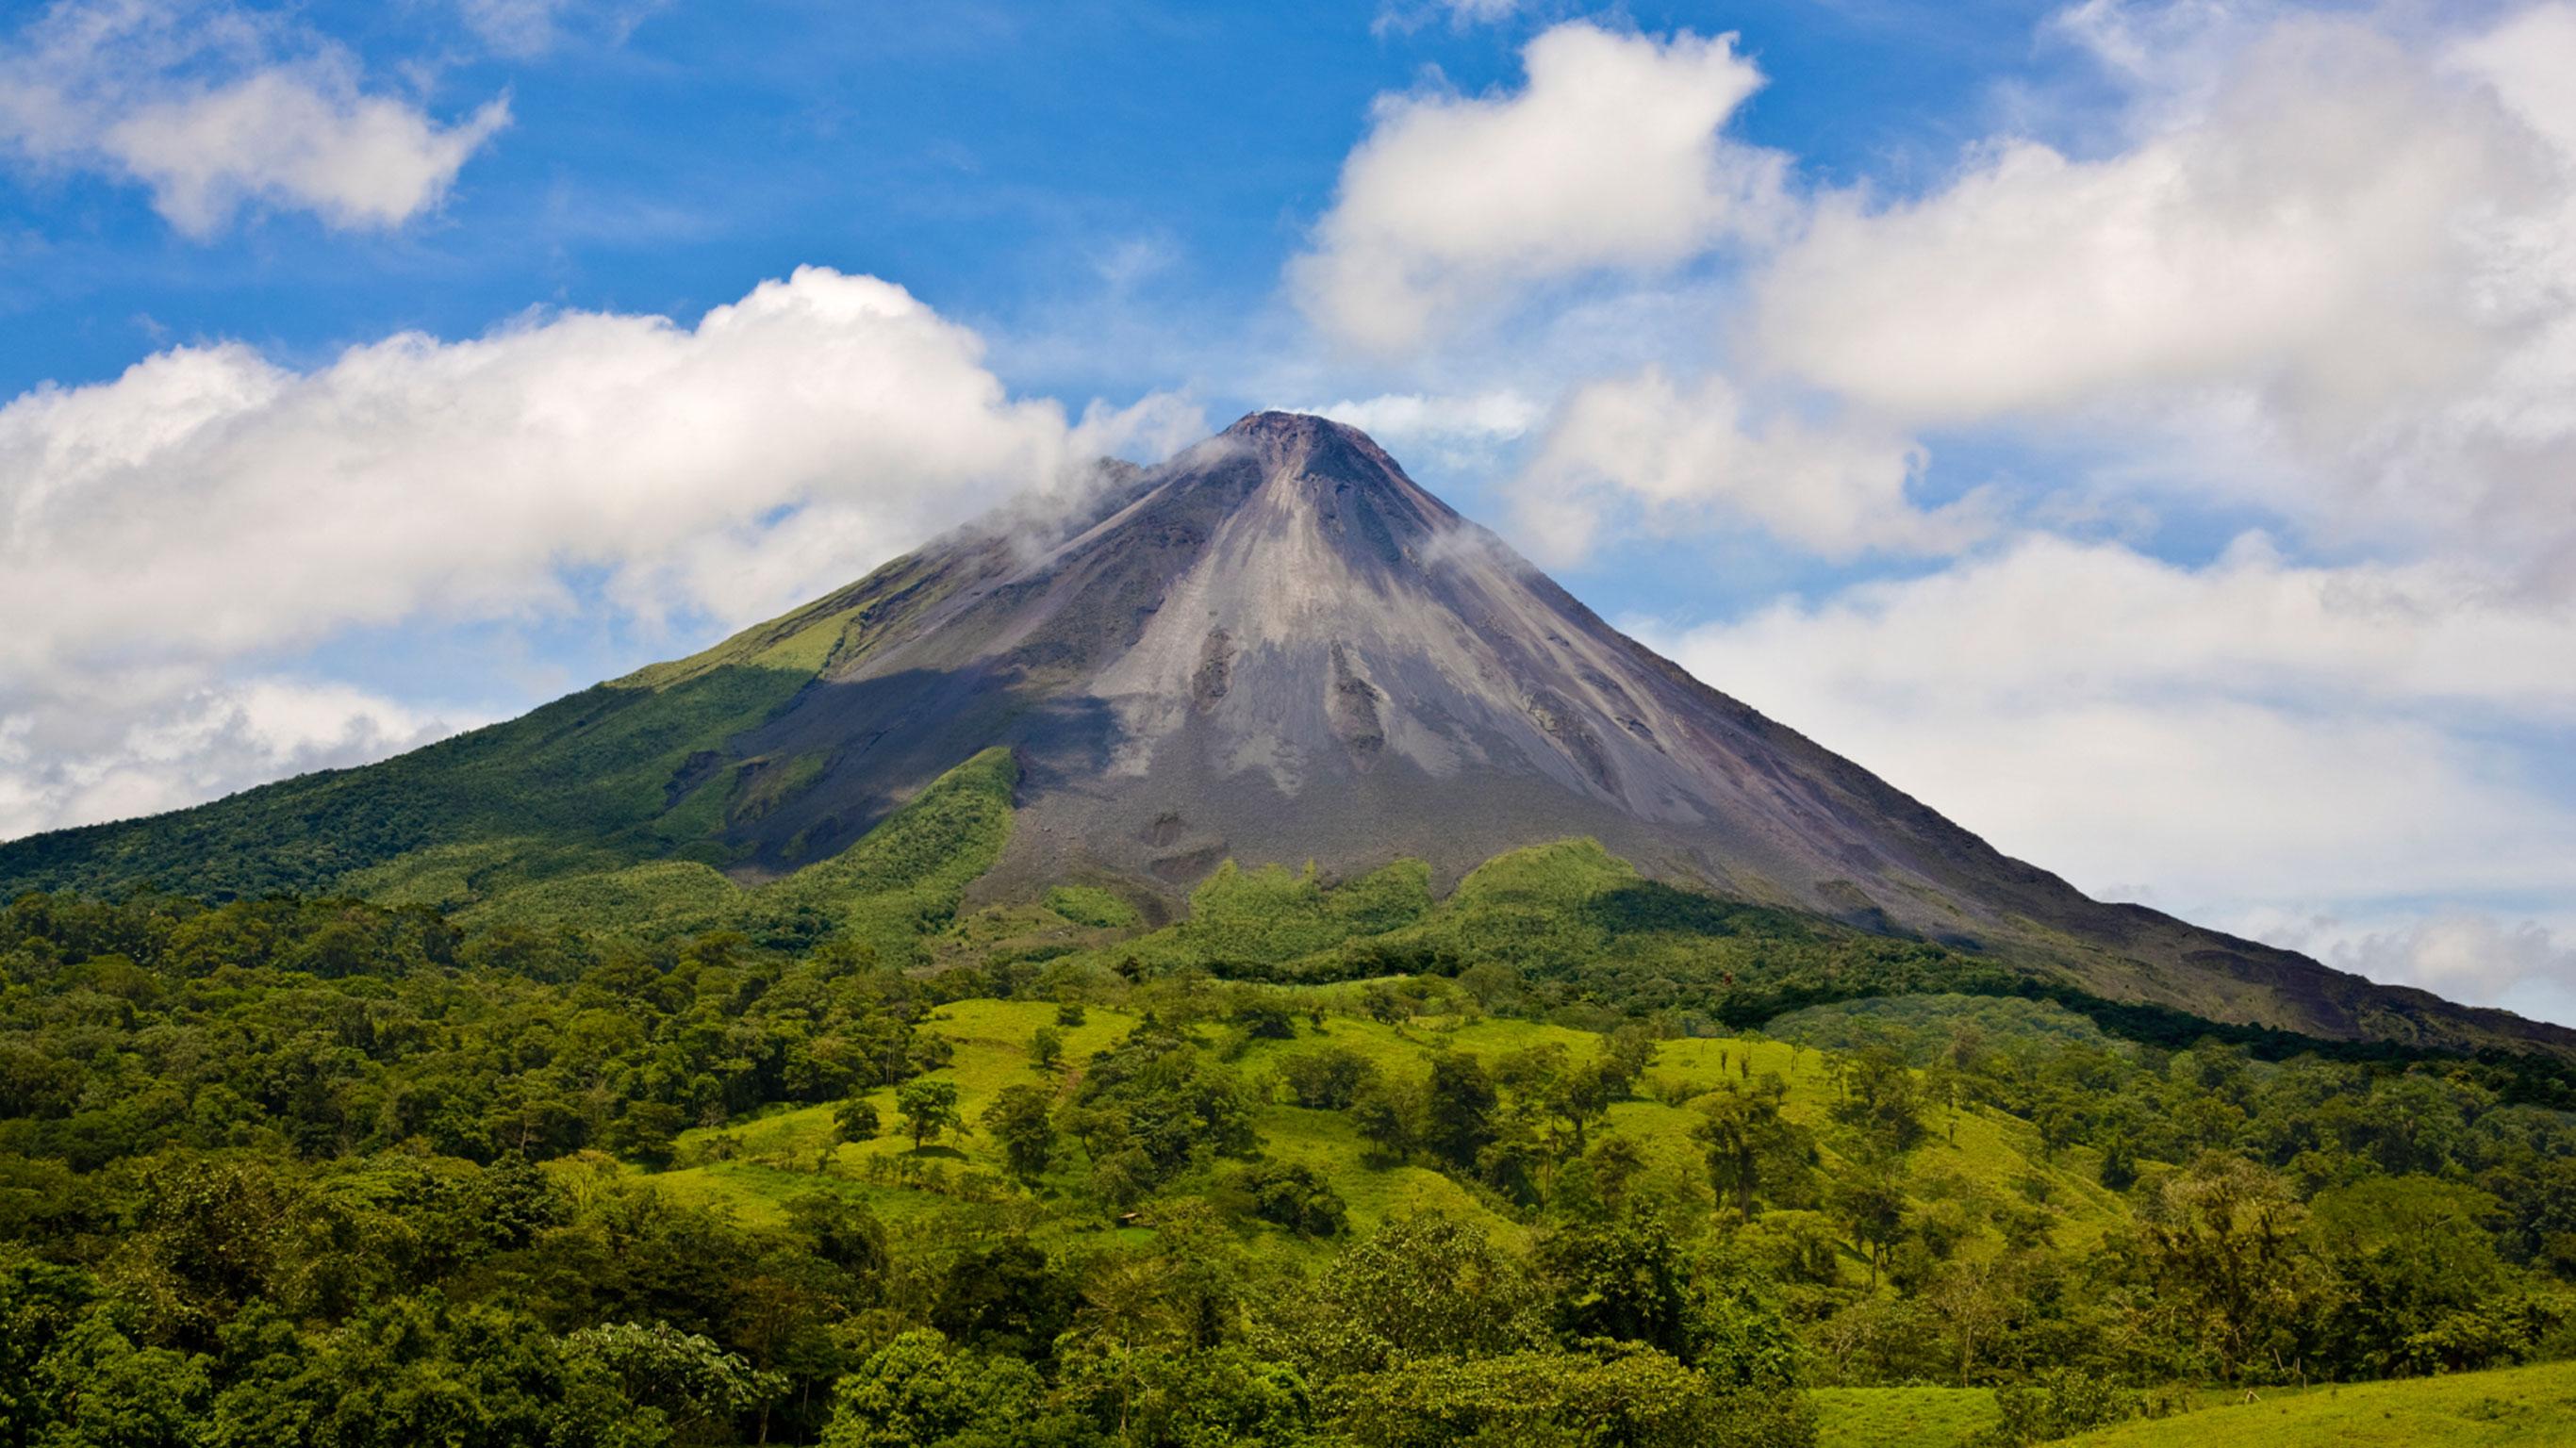 Costa Rica Volcanoes Surfing